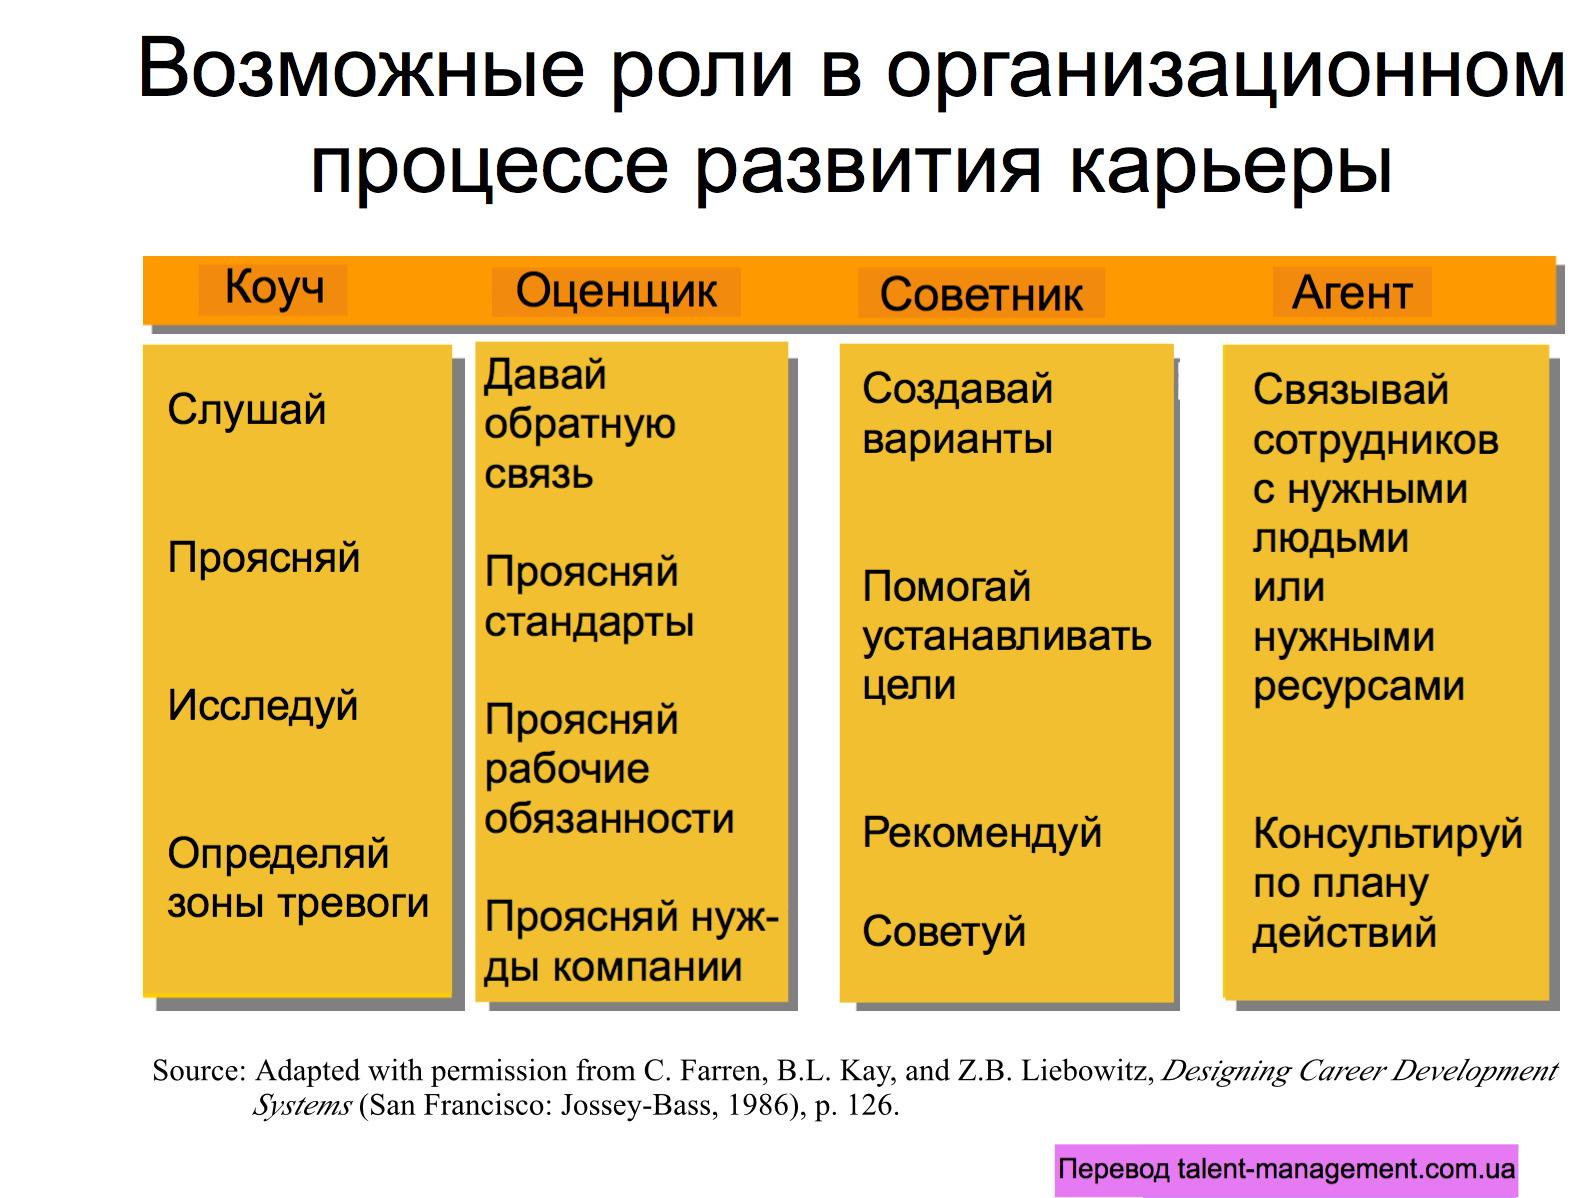 Управление карьерой в организации